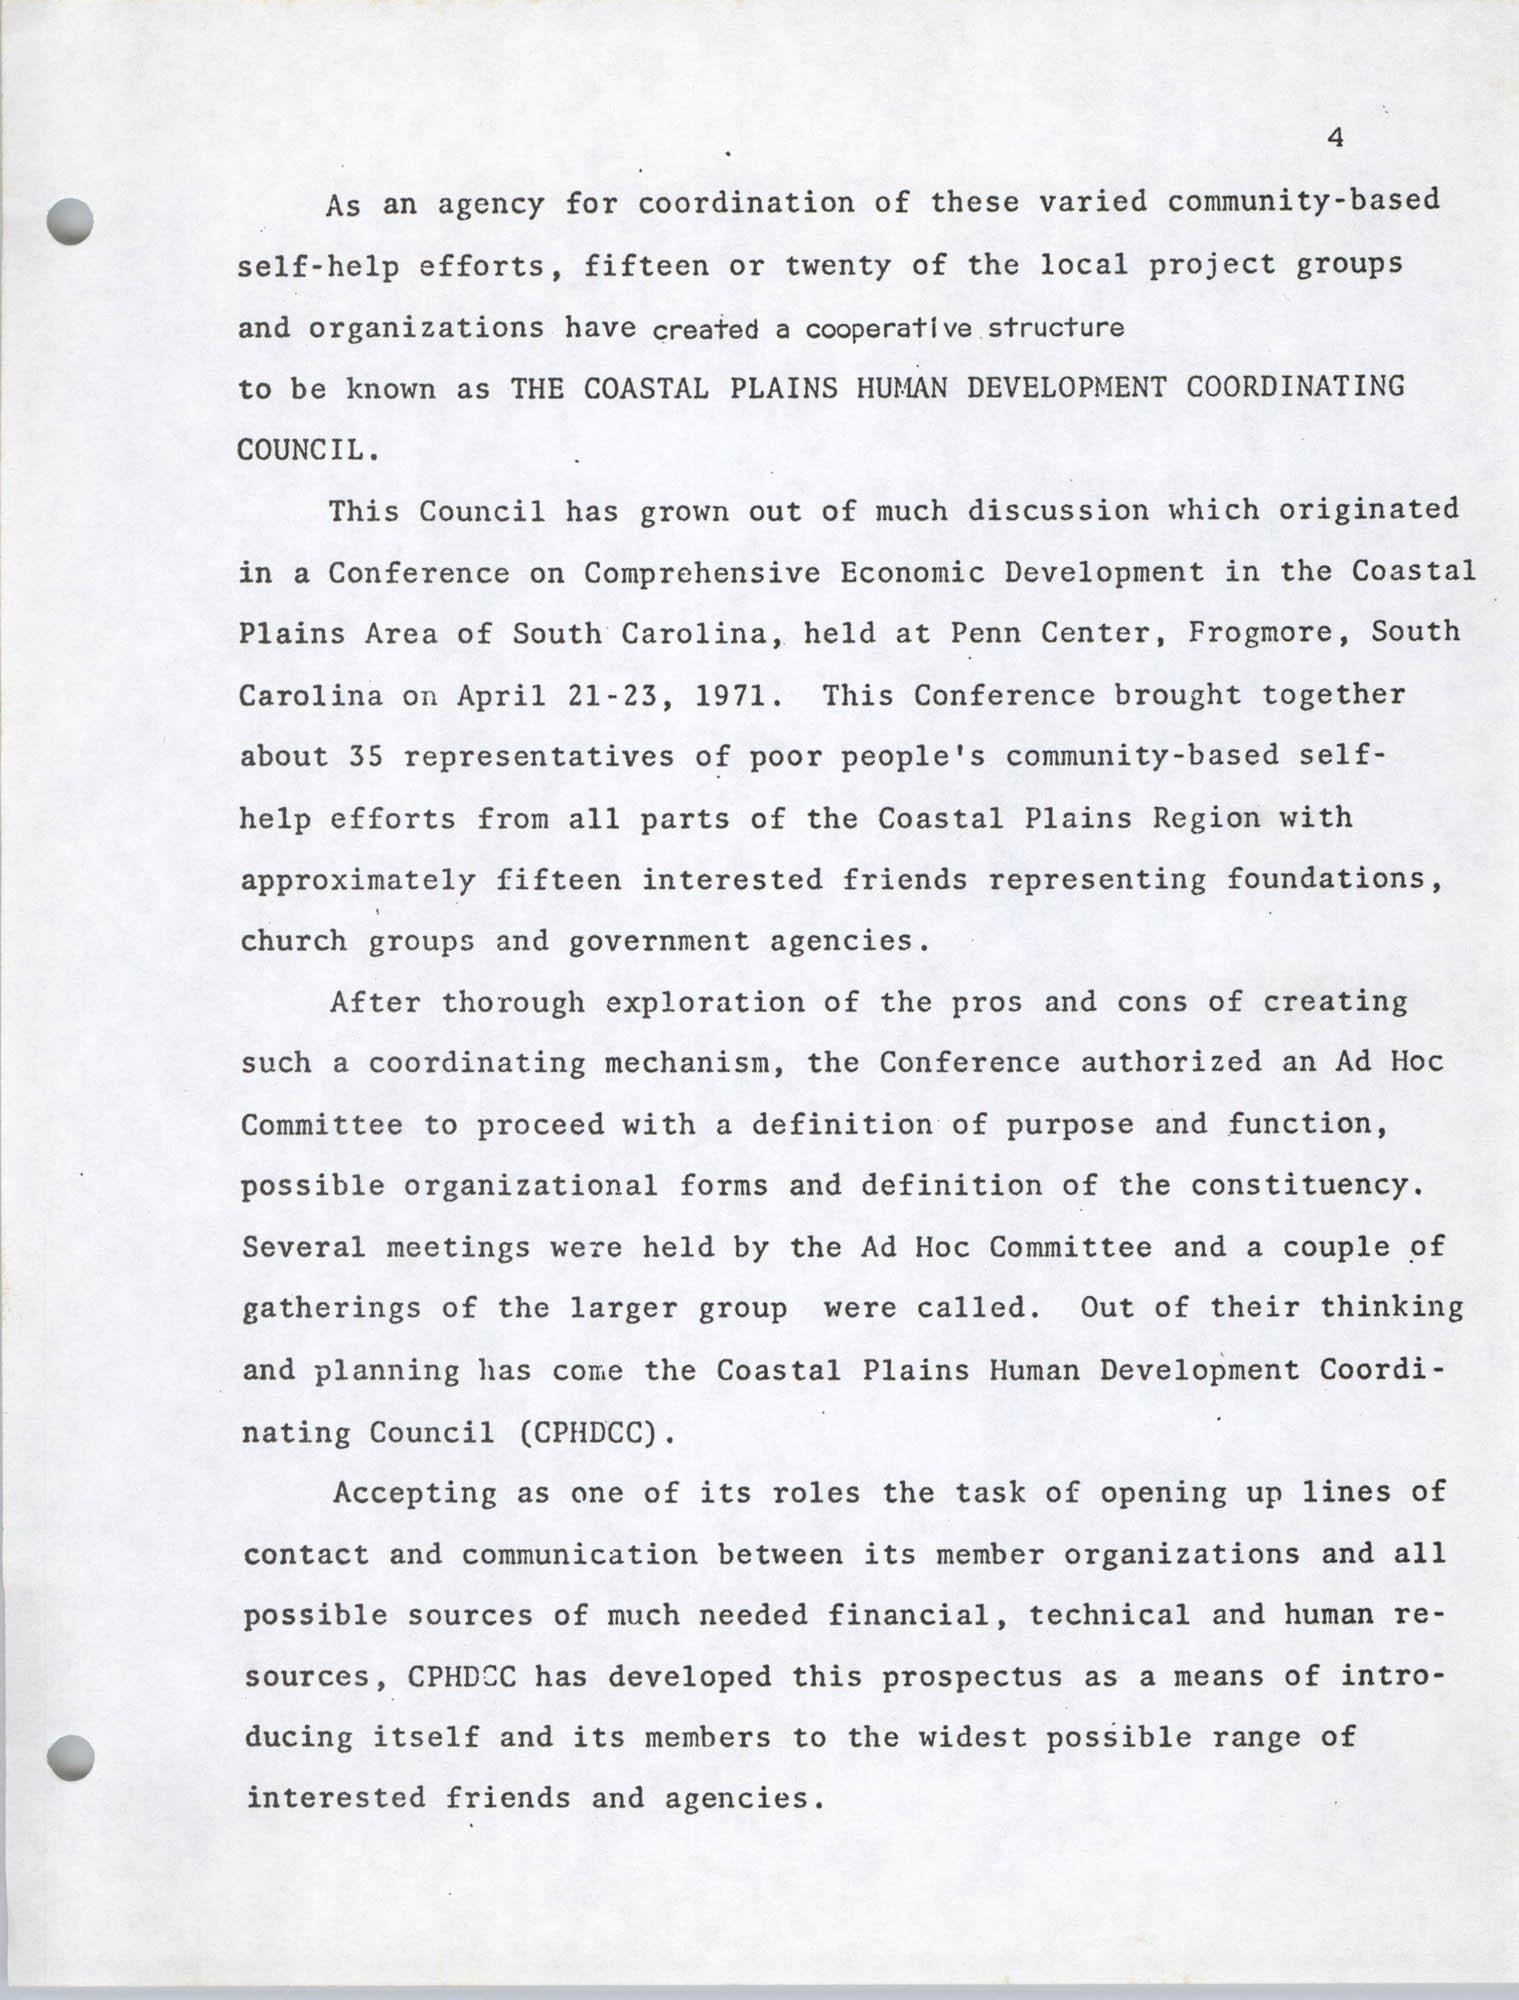 Coastal Plains Human Development Coordinate Council, Page 4